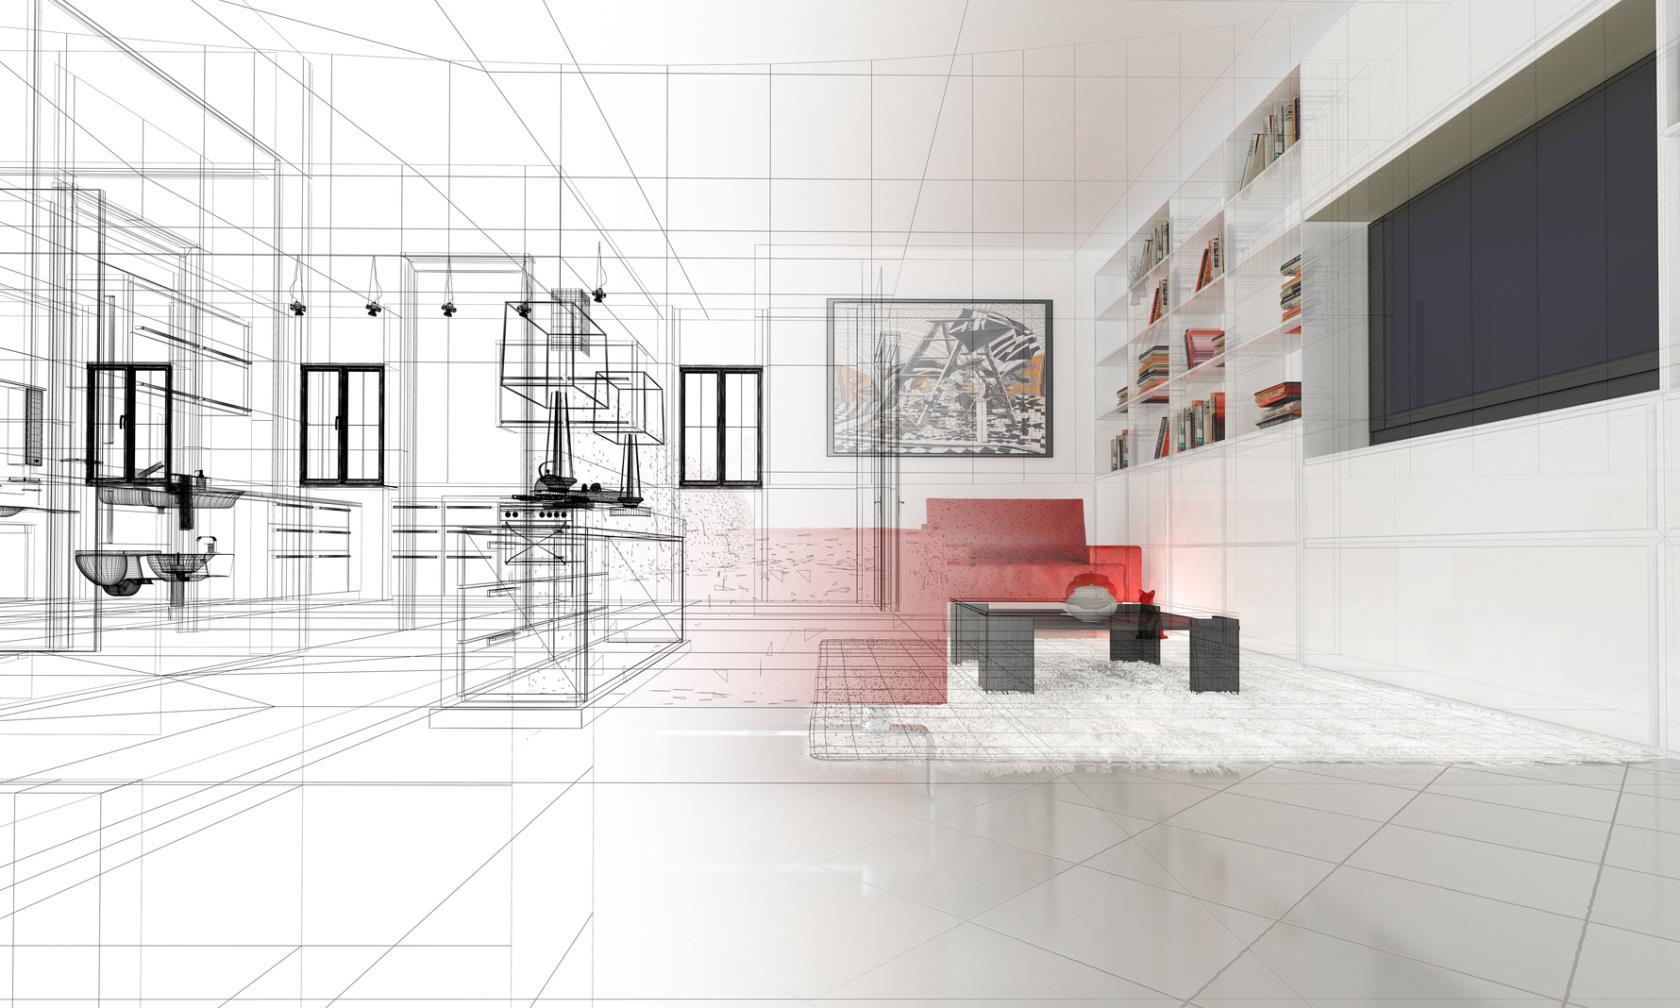 progettazione edile Trieste